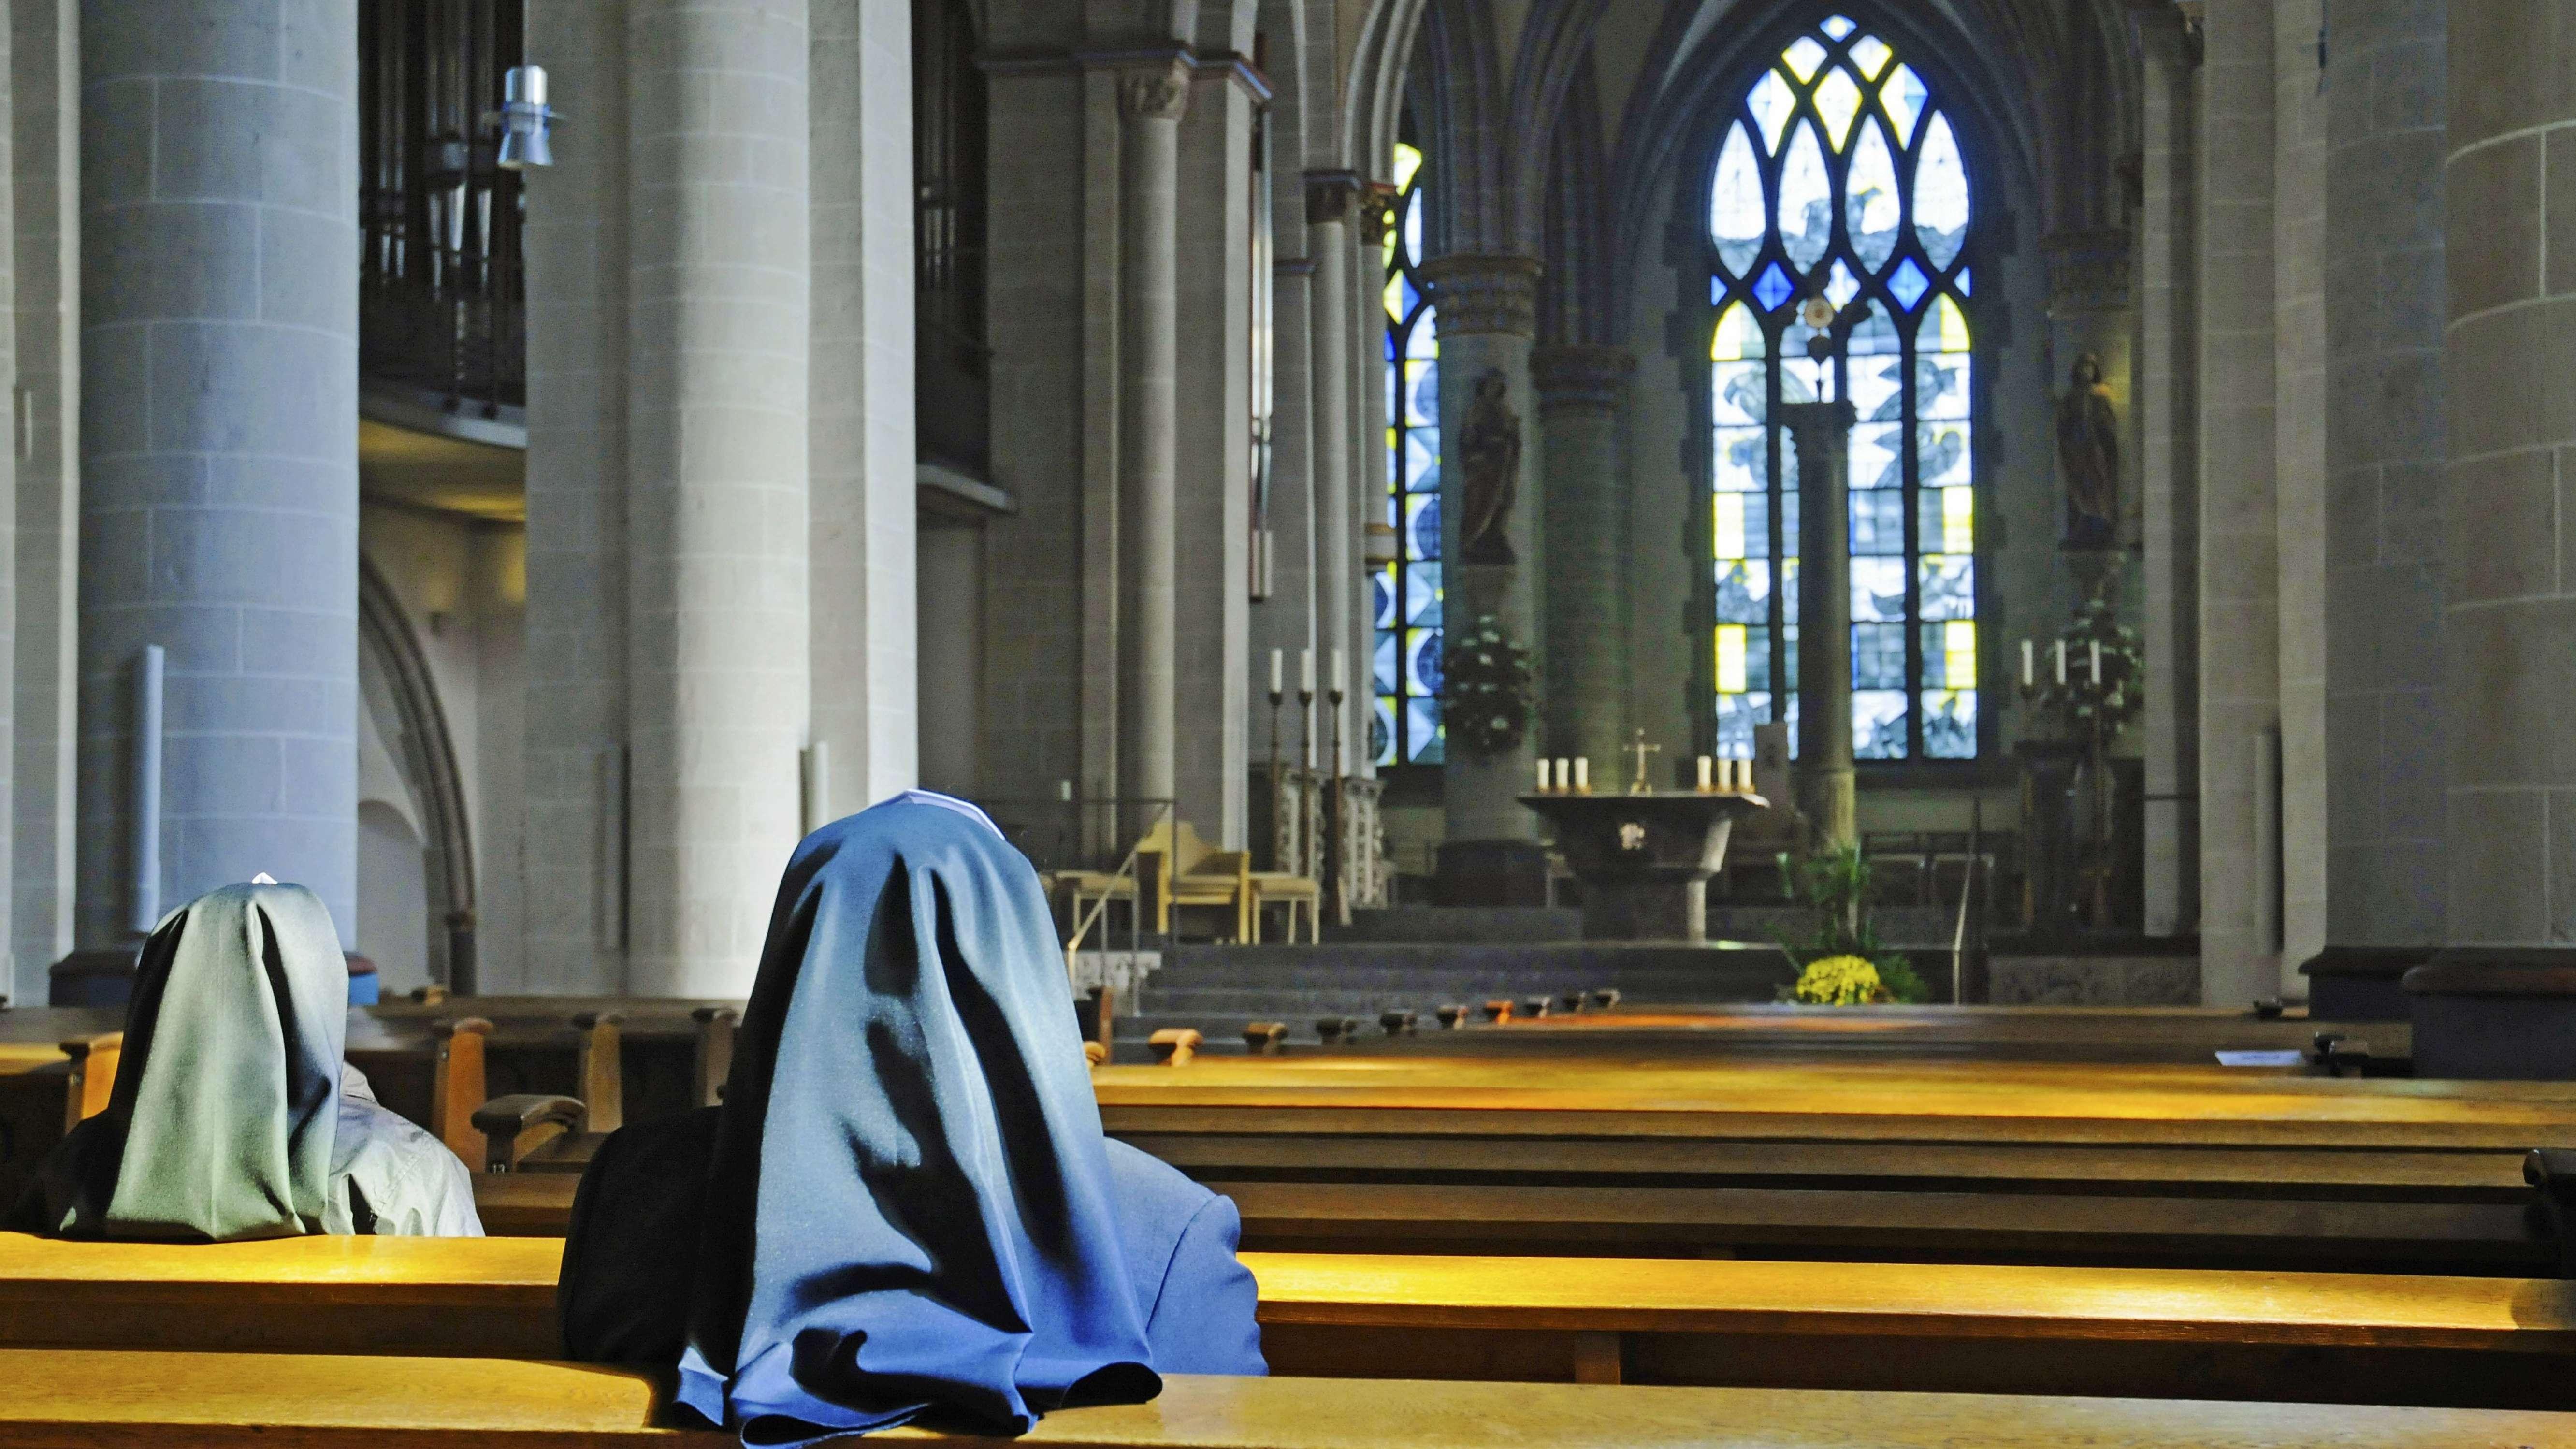 Rückansicht: Nonnen sitzen in einer Kirche und blicken auf den Altar